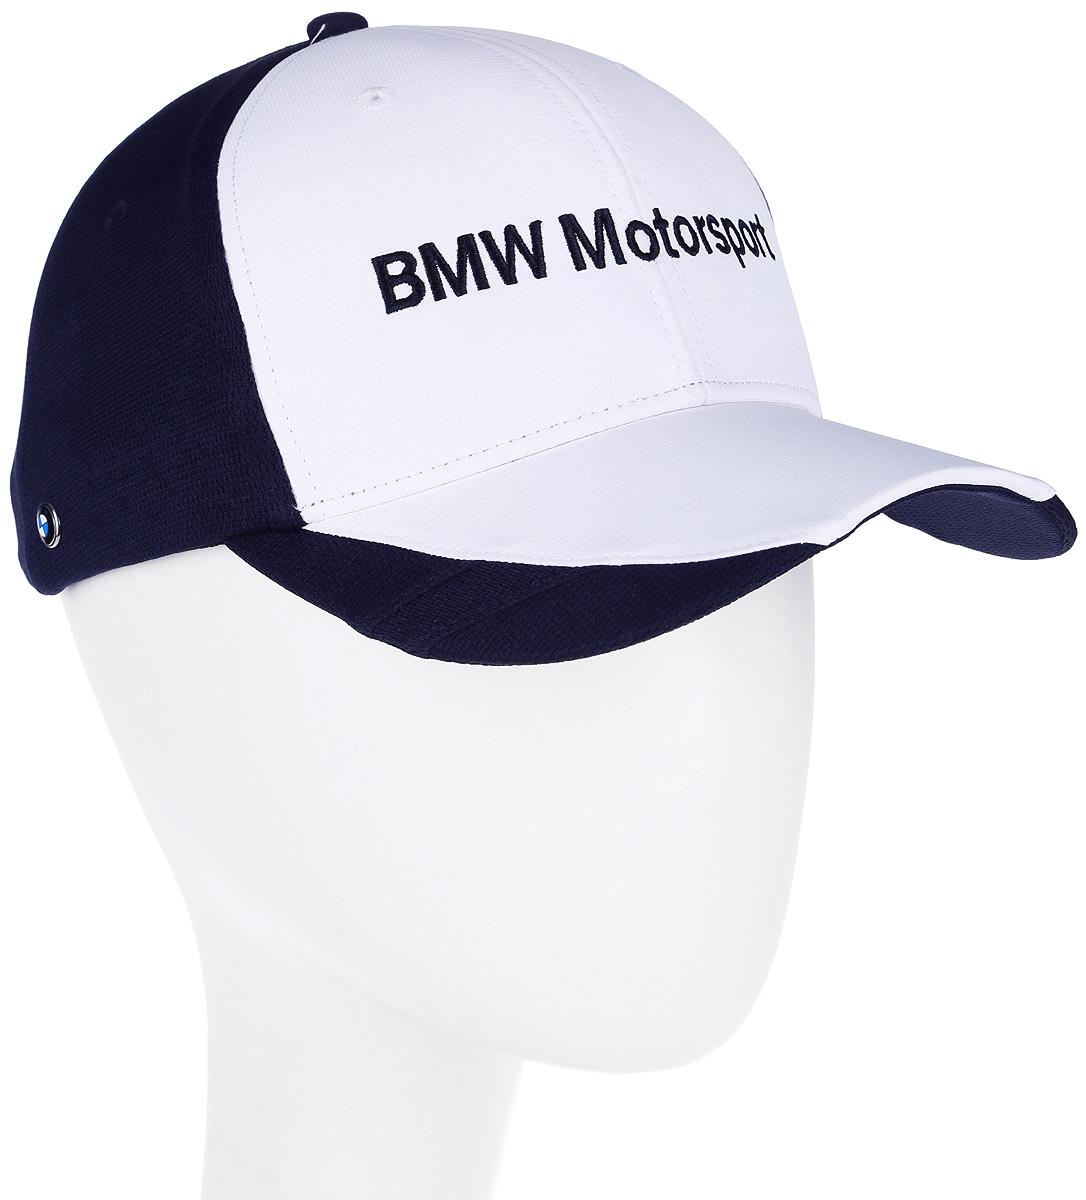 Бейсболка021164_01Бейсболка BMW MTS sharknose cap с изогнутым козырьком изготовлена из практичного и износостойкого полиэстера и оснащена хлопковой тесьмой для впитывания излишков влаги. Вентиляция обеспечивается специальными вышитыми люверсами на всей поверхности бейсболки и сетчатыми вставками сзади. Внутренняя часть козырька также снабжена сетчатой вставкой. Отрегулировать размер можно с помощью тканевого ремешка с логотипом на задней части изделия. Модель дополнена вышивкой BMW Motorsport спереди, металлическим элементом с логотипом BMW справа, а также логотипом Puma сзади.